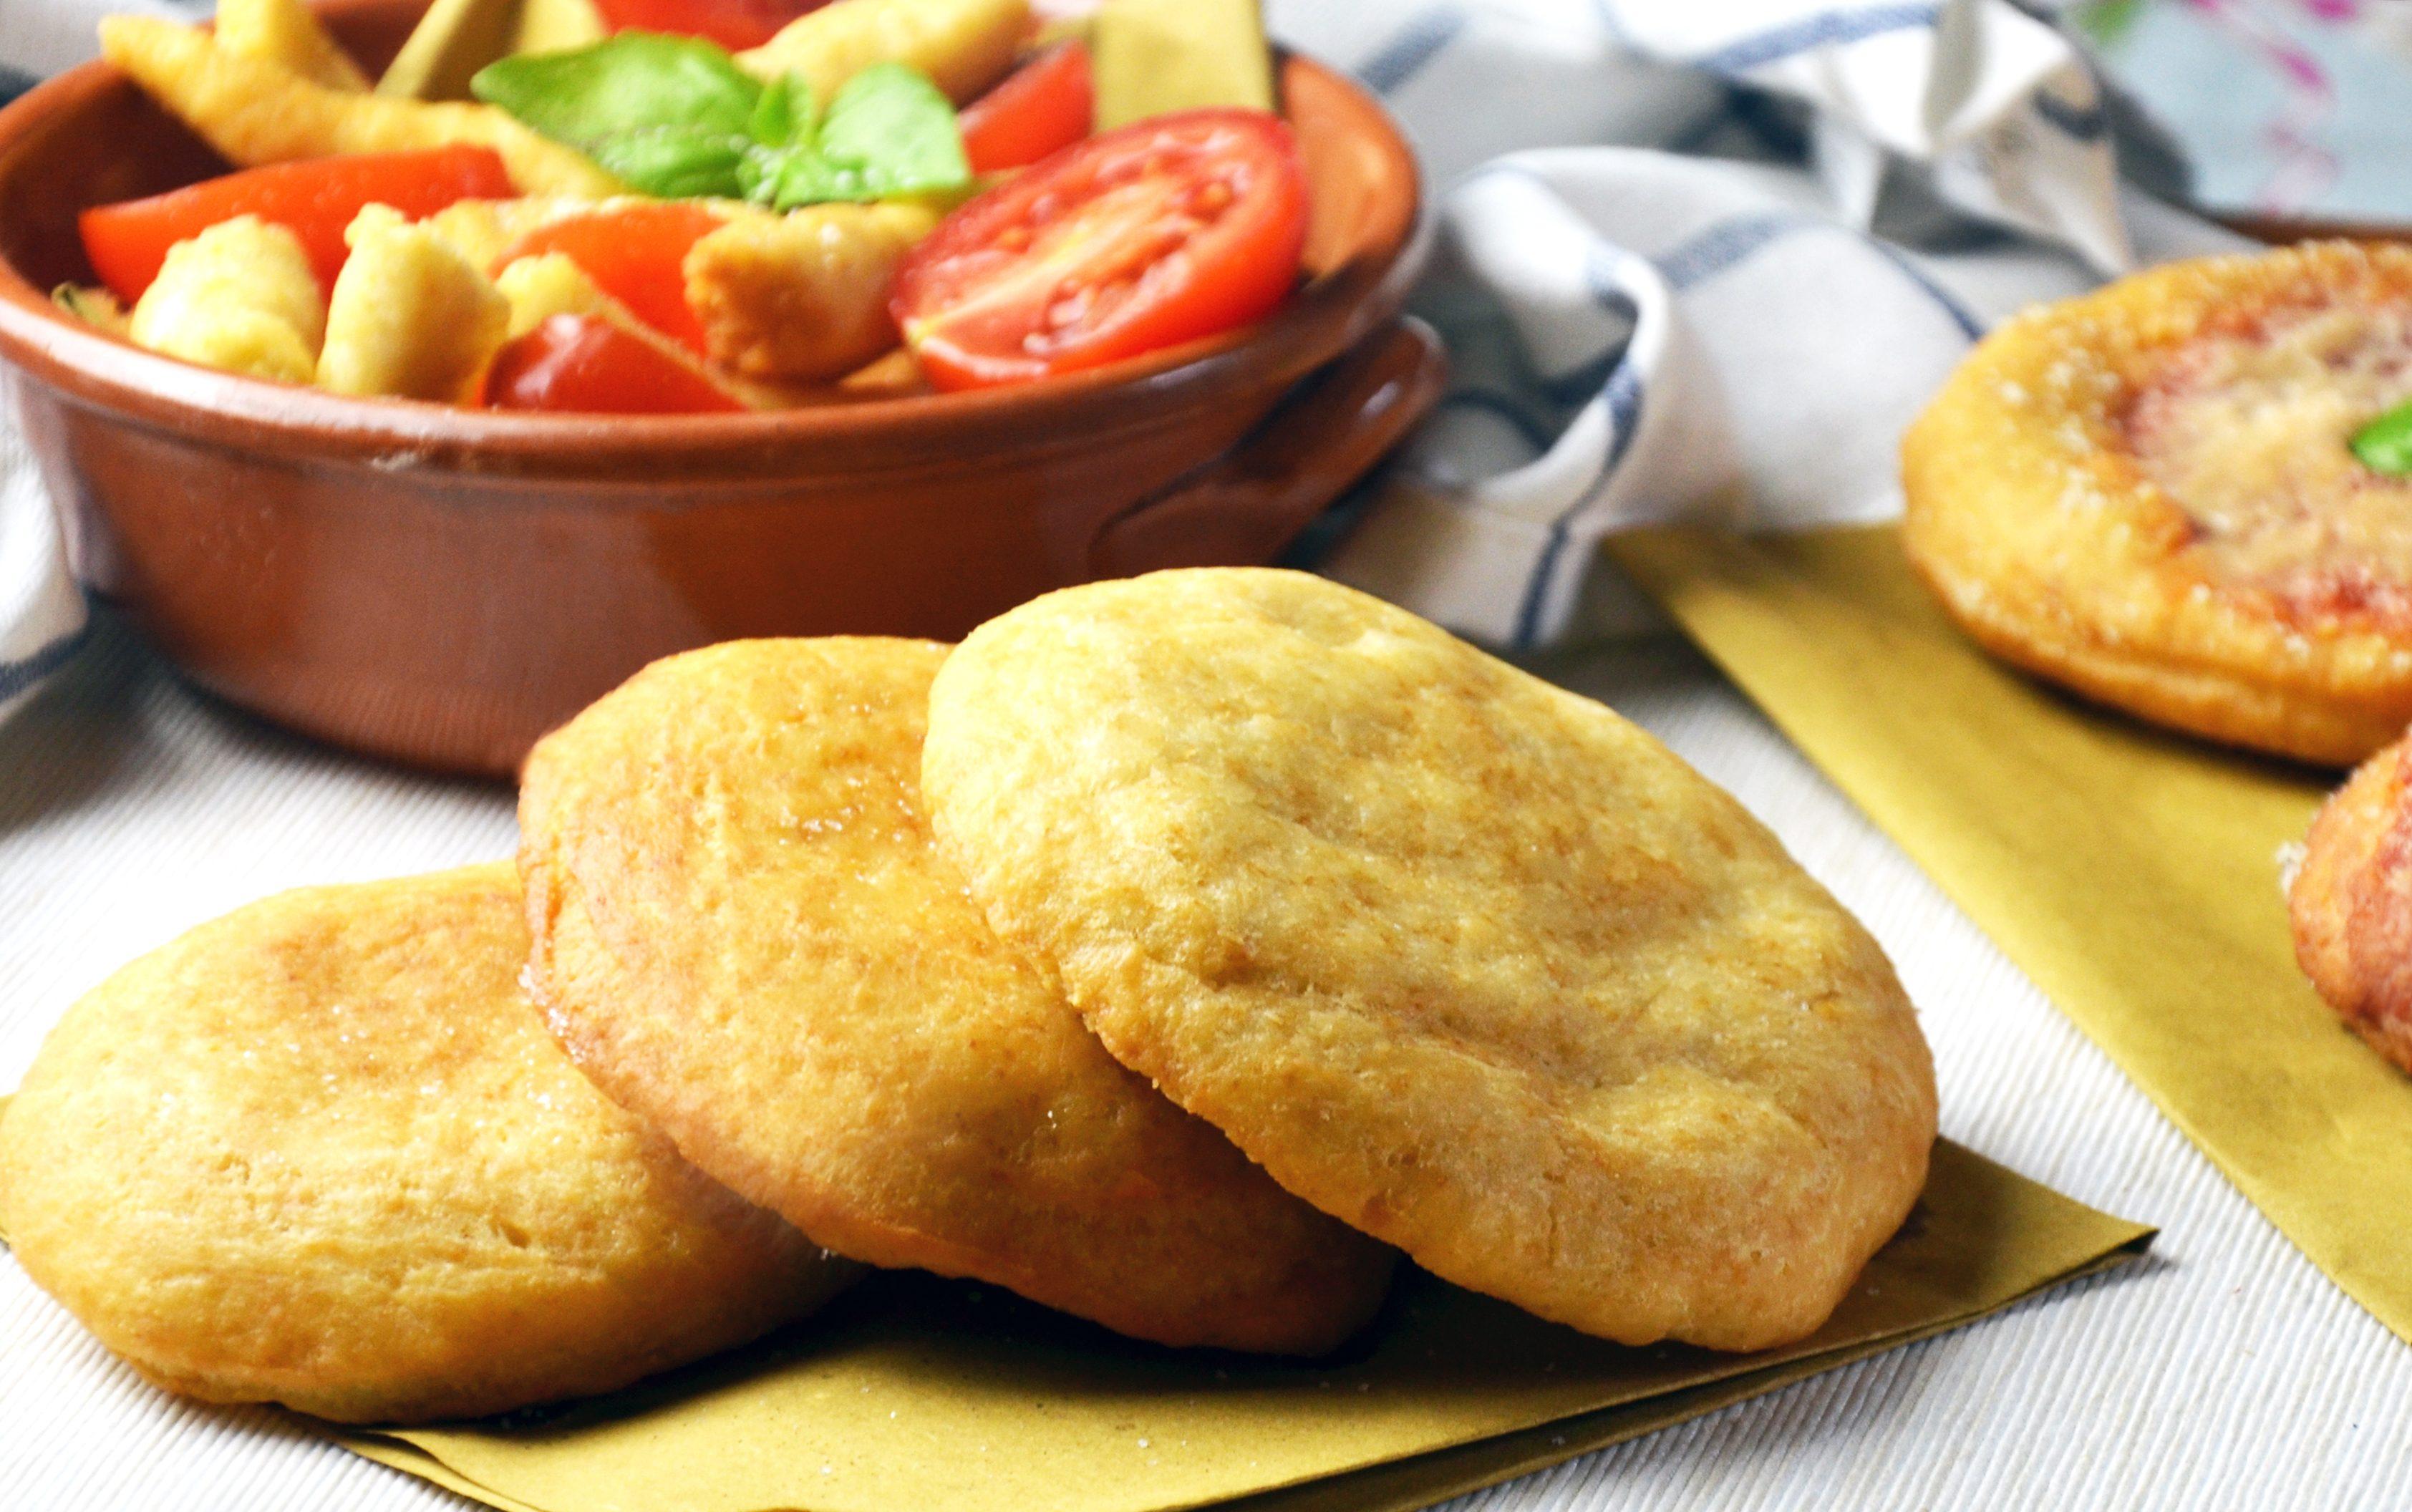 Frittelle salate senza lievitazione: la ricetta delle pizzette golose e versatili